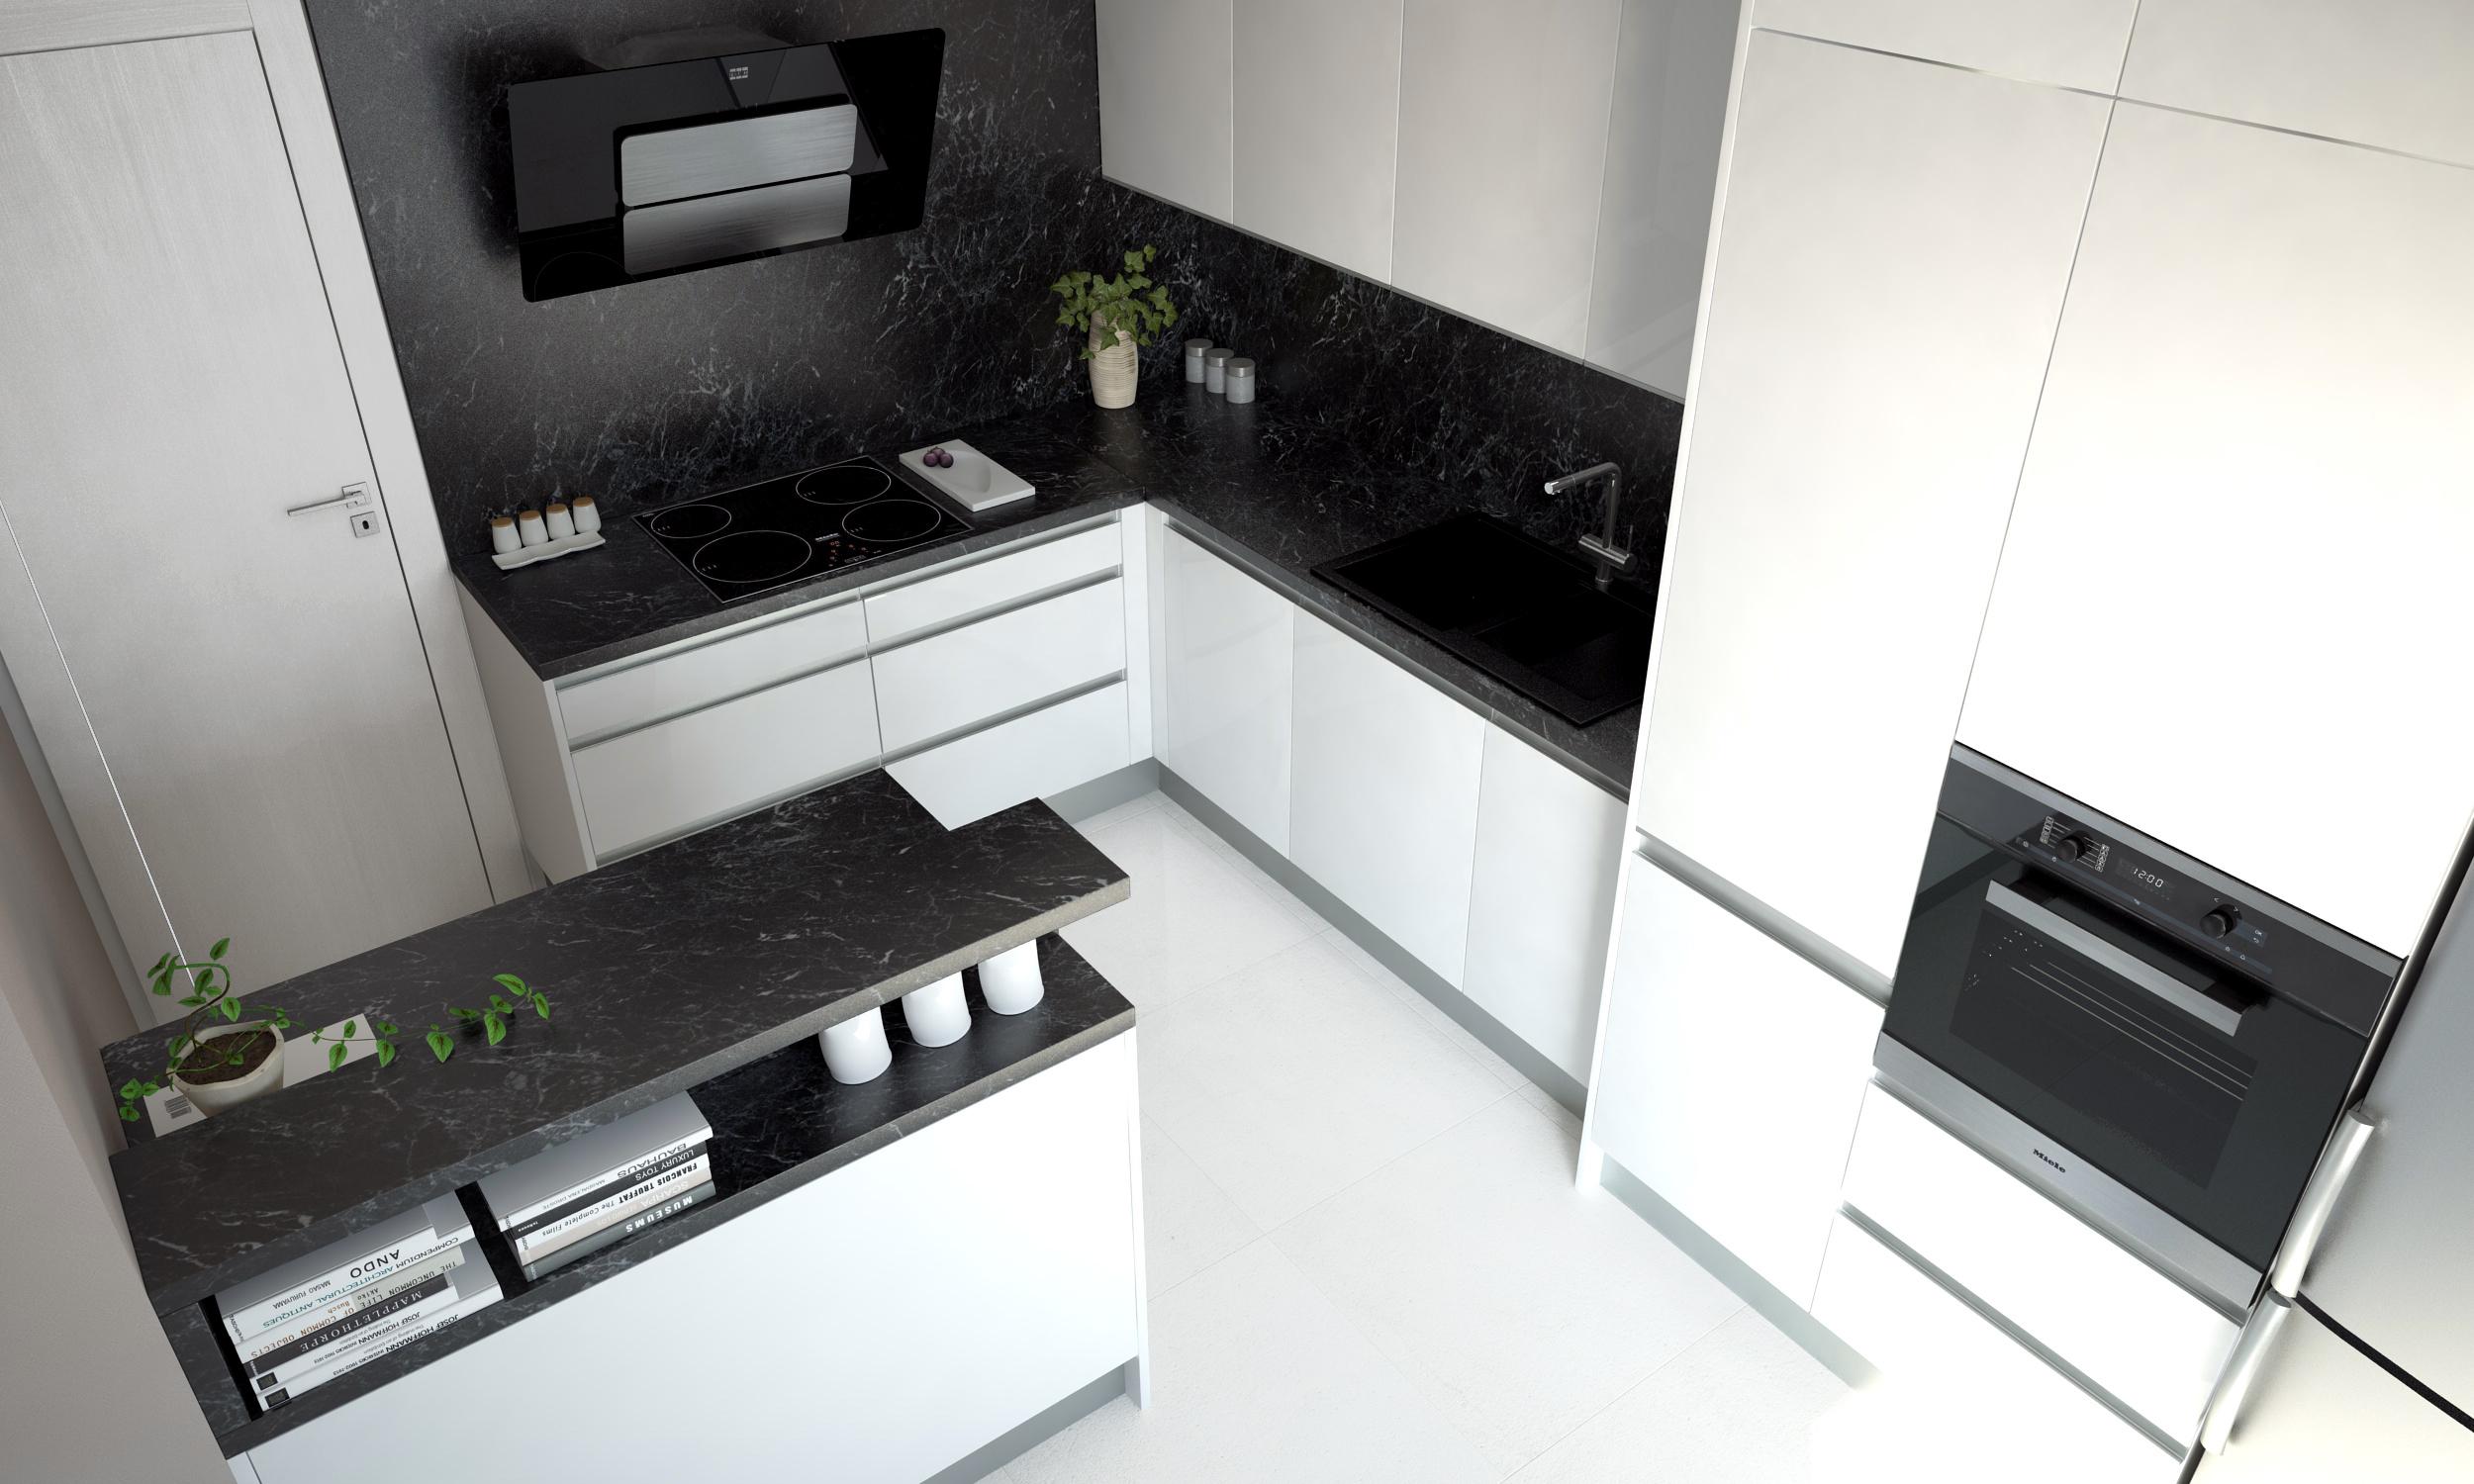 8168b358067 ... práve preto sú na moderné kuchyne kladené vysoké estetické nároky,  ktoré spolu s premyslenou funkčnosťou predstavujú priestor pre efektívnu a  príjemnú ...